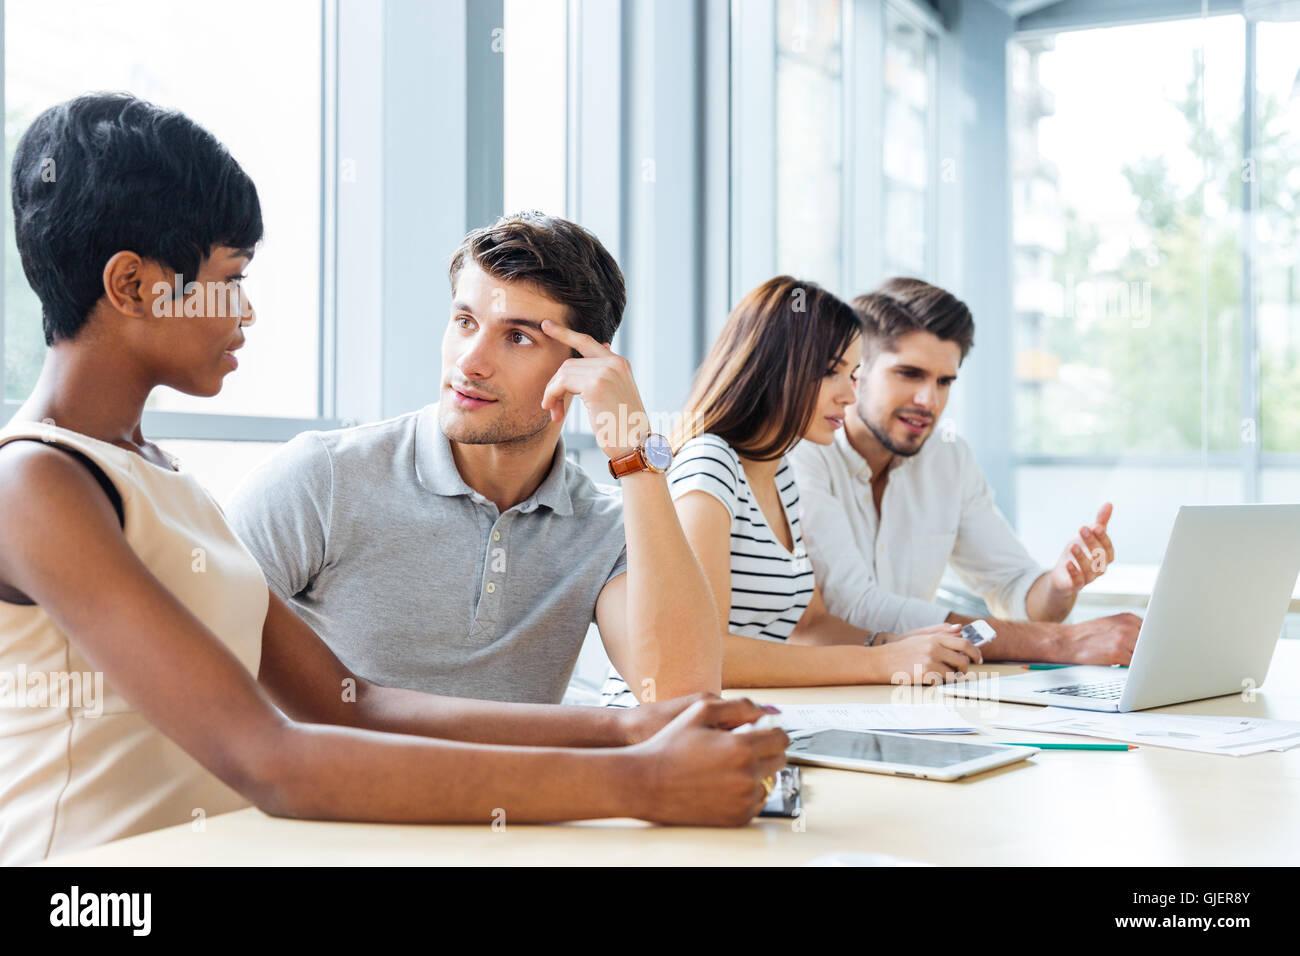 Un gruppo di giovani persone sedute e parlare in ufficio Immagini Stock